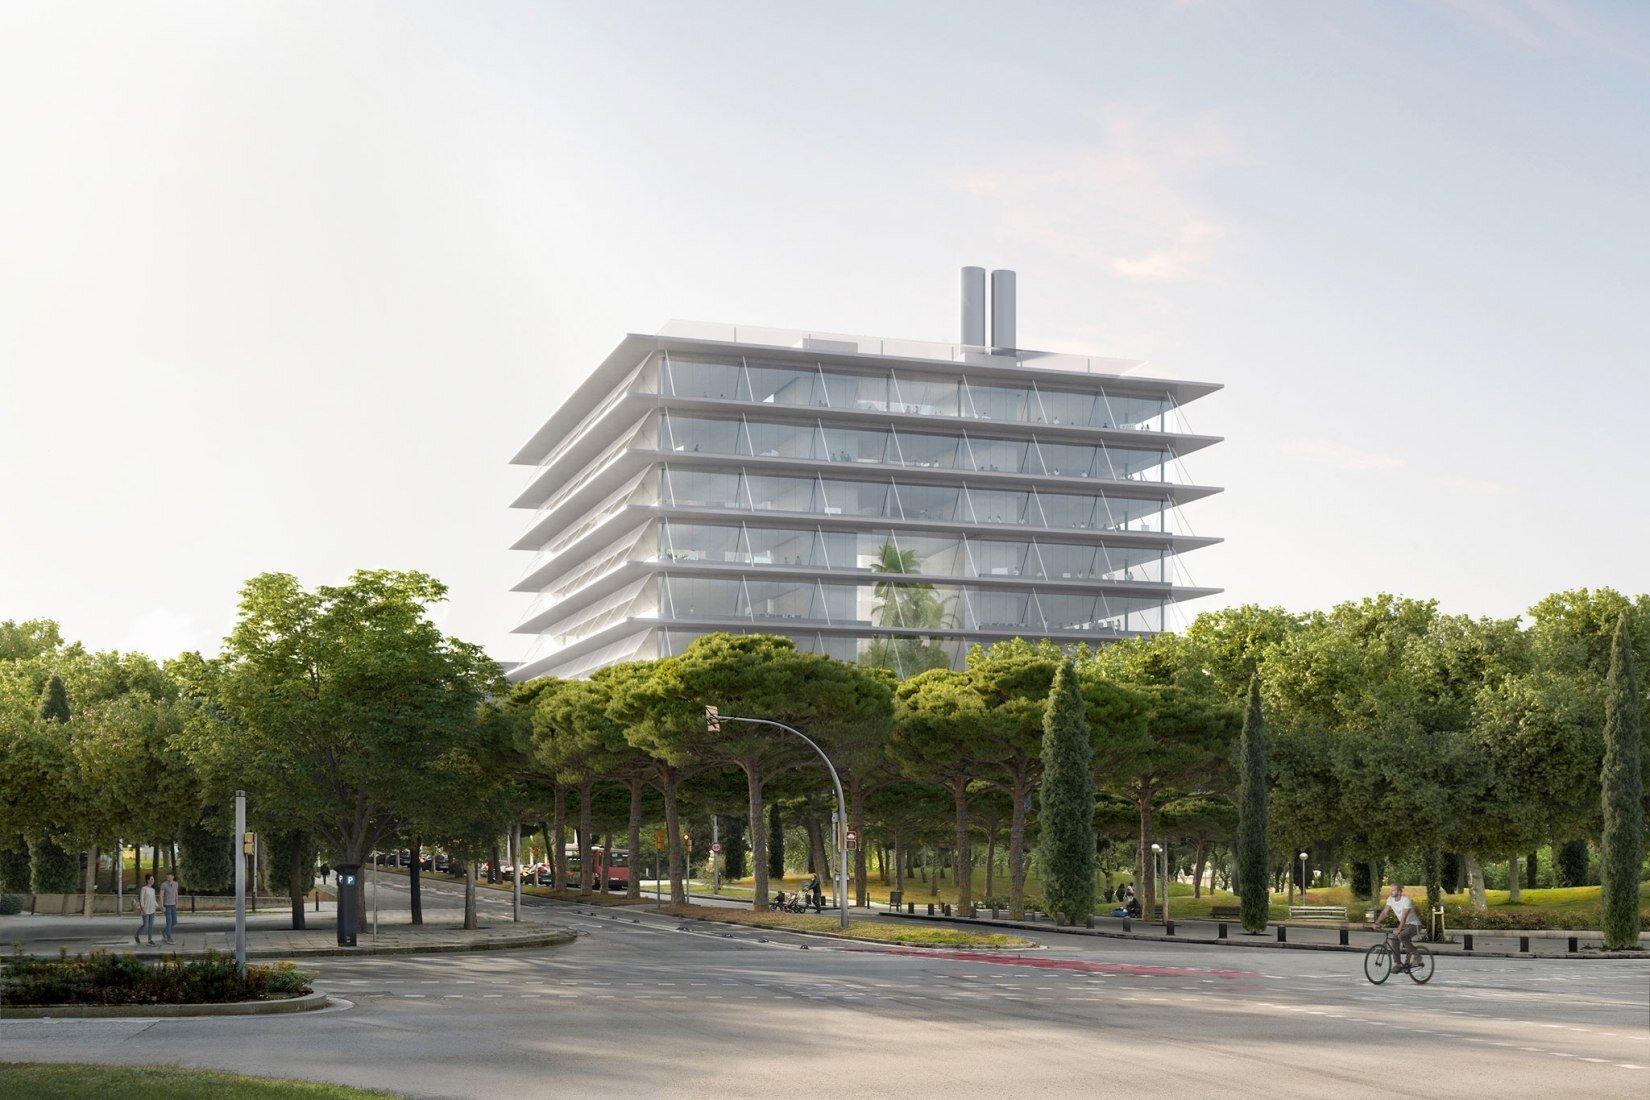 se-invertirán-50-millones-de-euros-en-instituto-de-ciencia-tecnología-de-barcelona-alt